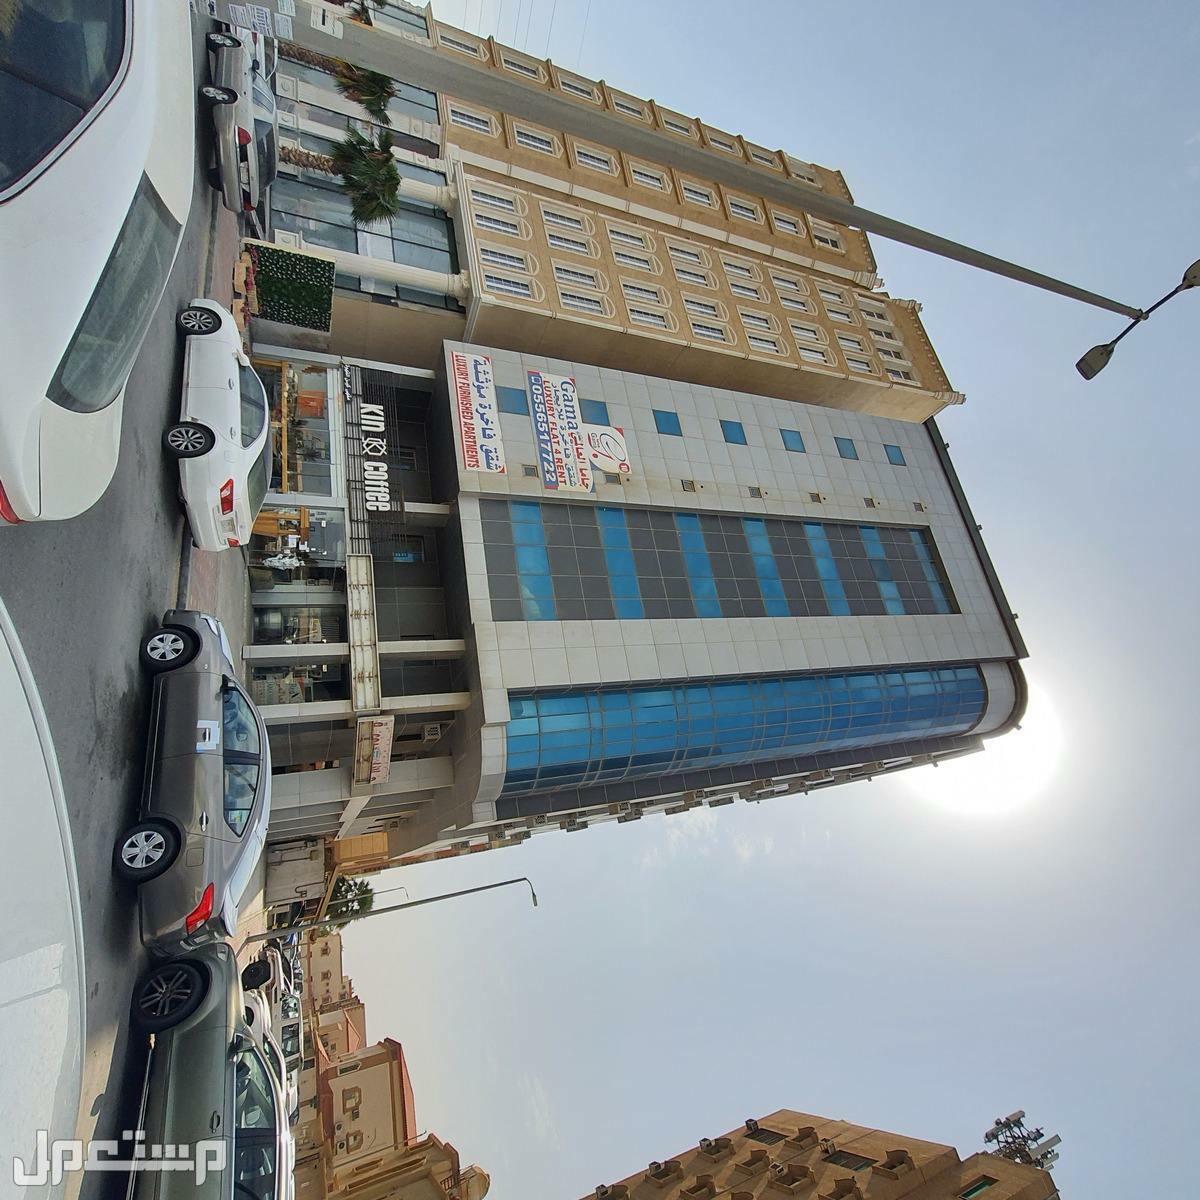 جاما 10 | شقق عزاب غرفه مؤثثه للايجار في الجبيل